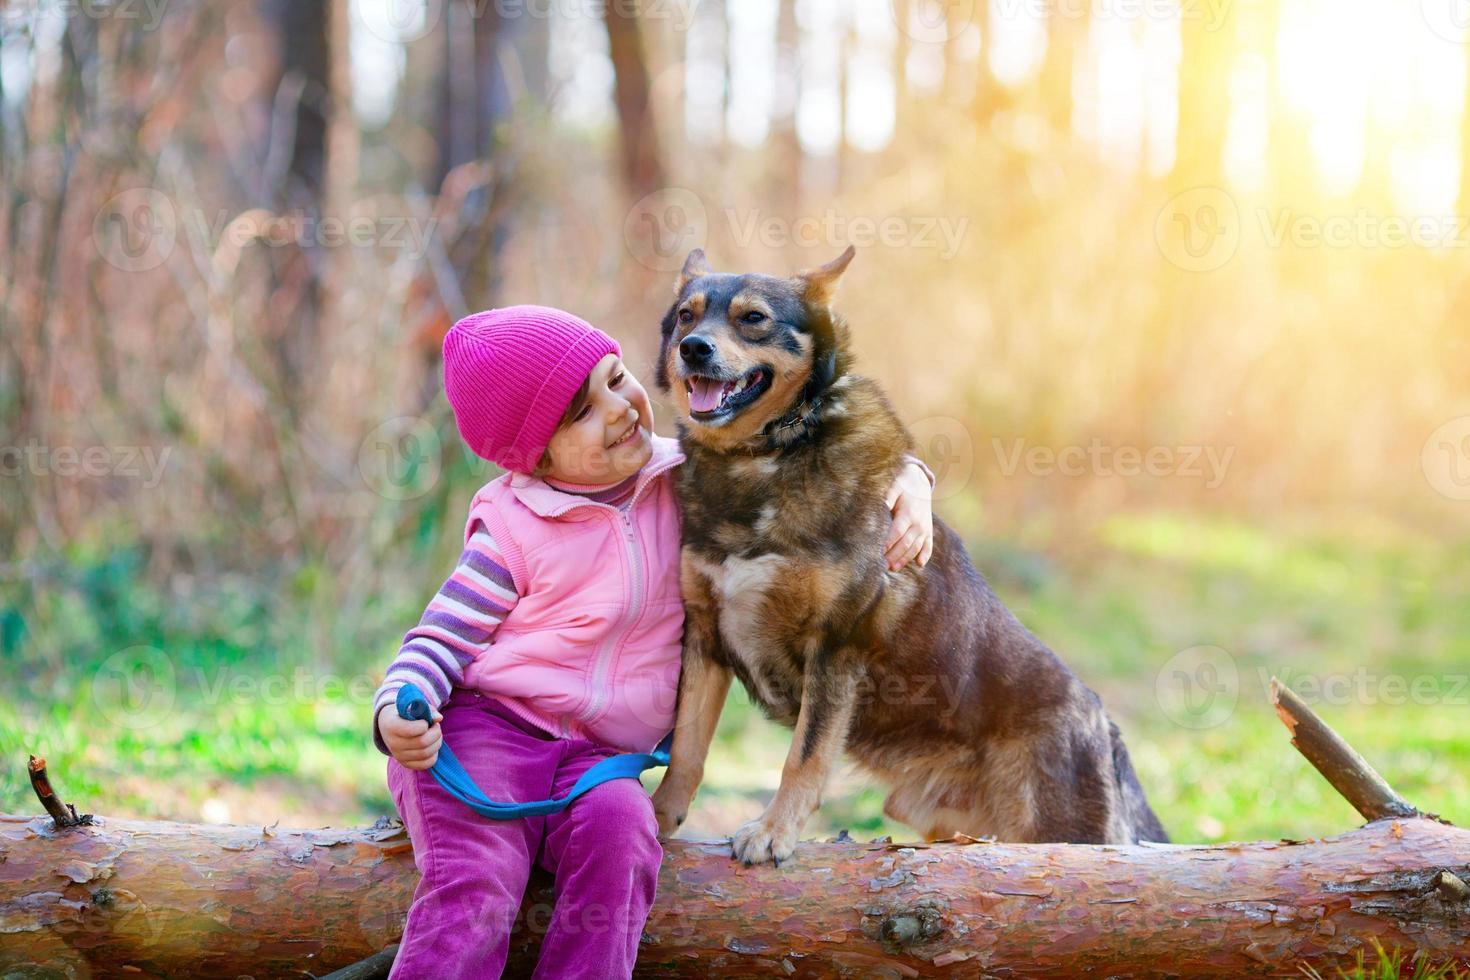 menina com cachorro foto